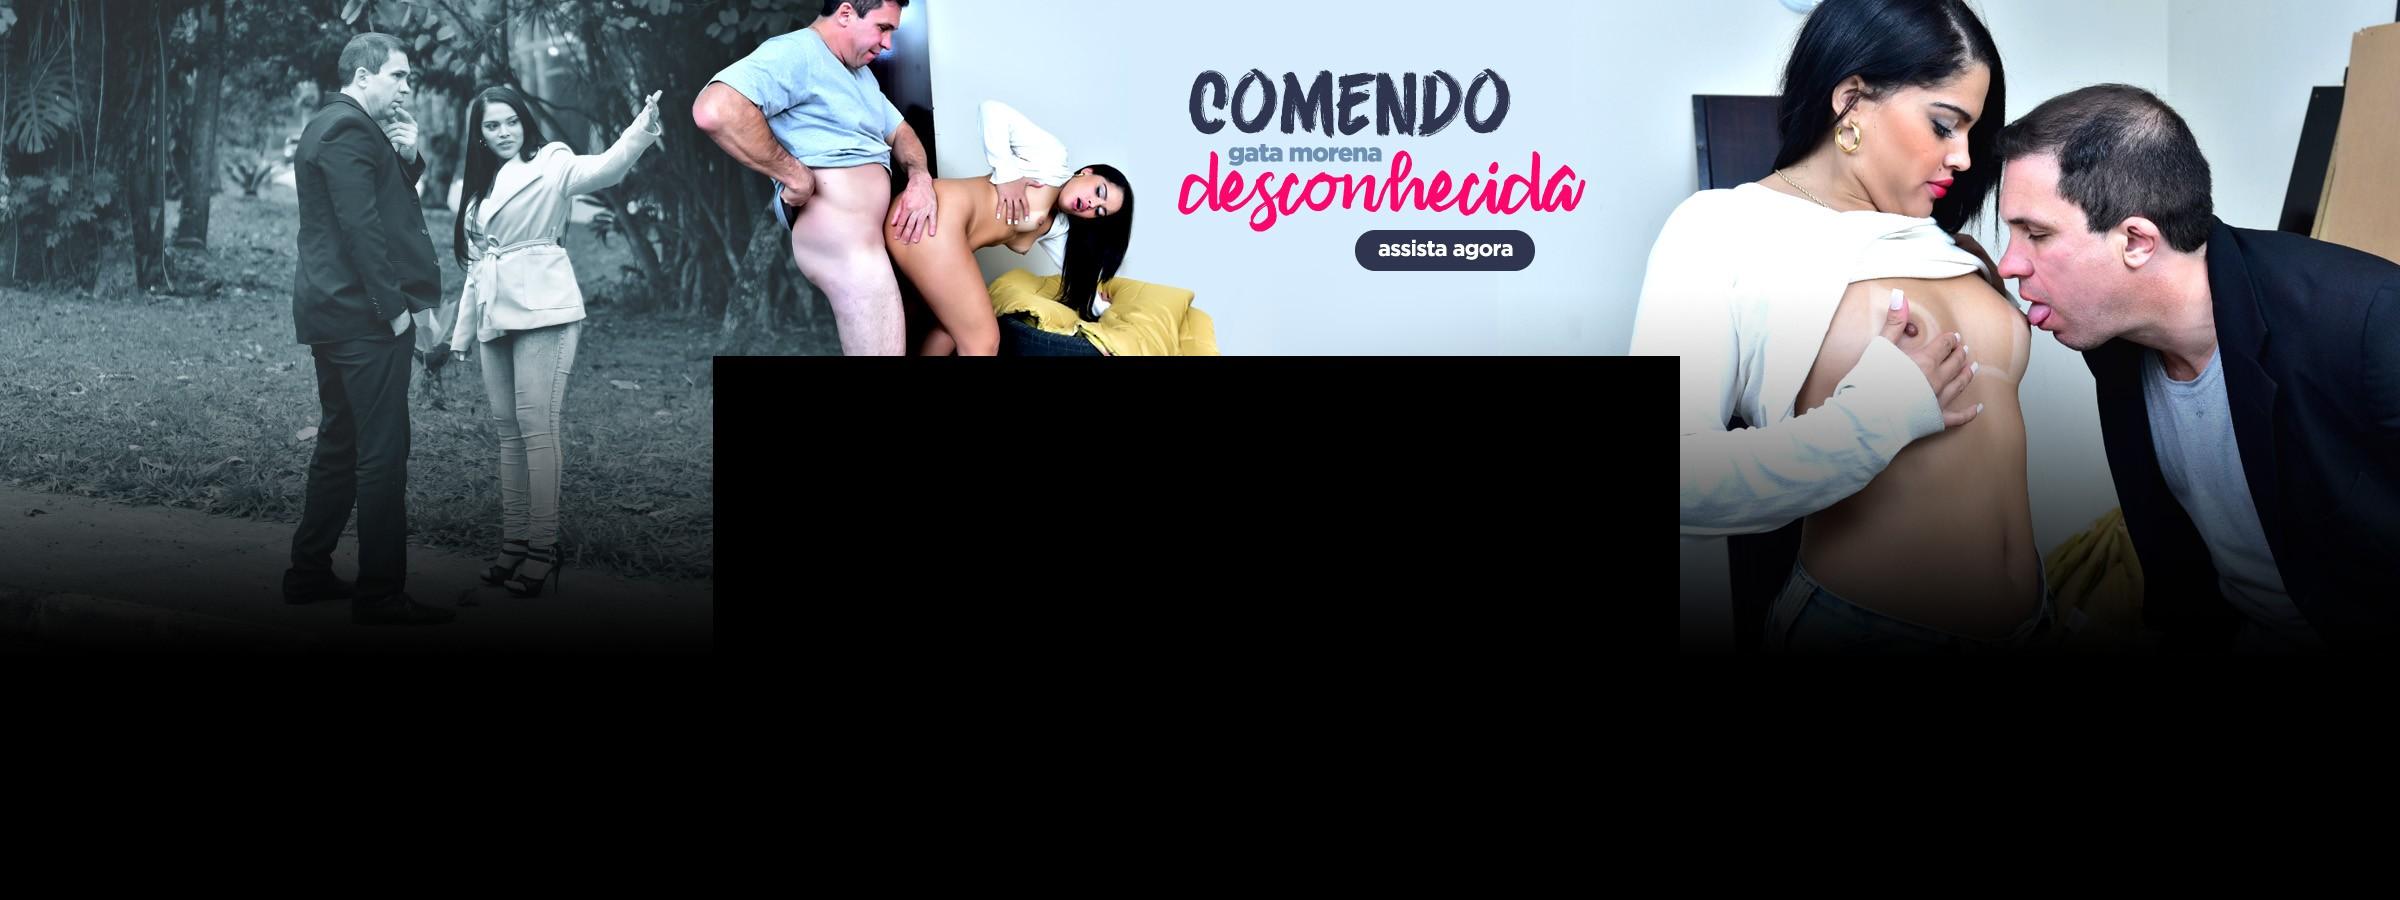 Sexo com Desconhecido Yara Rocha